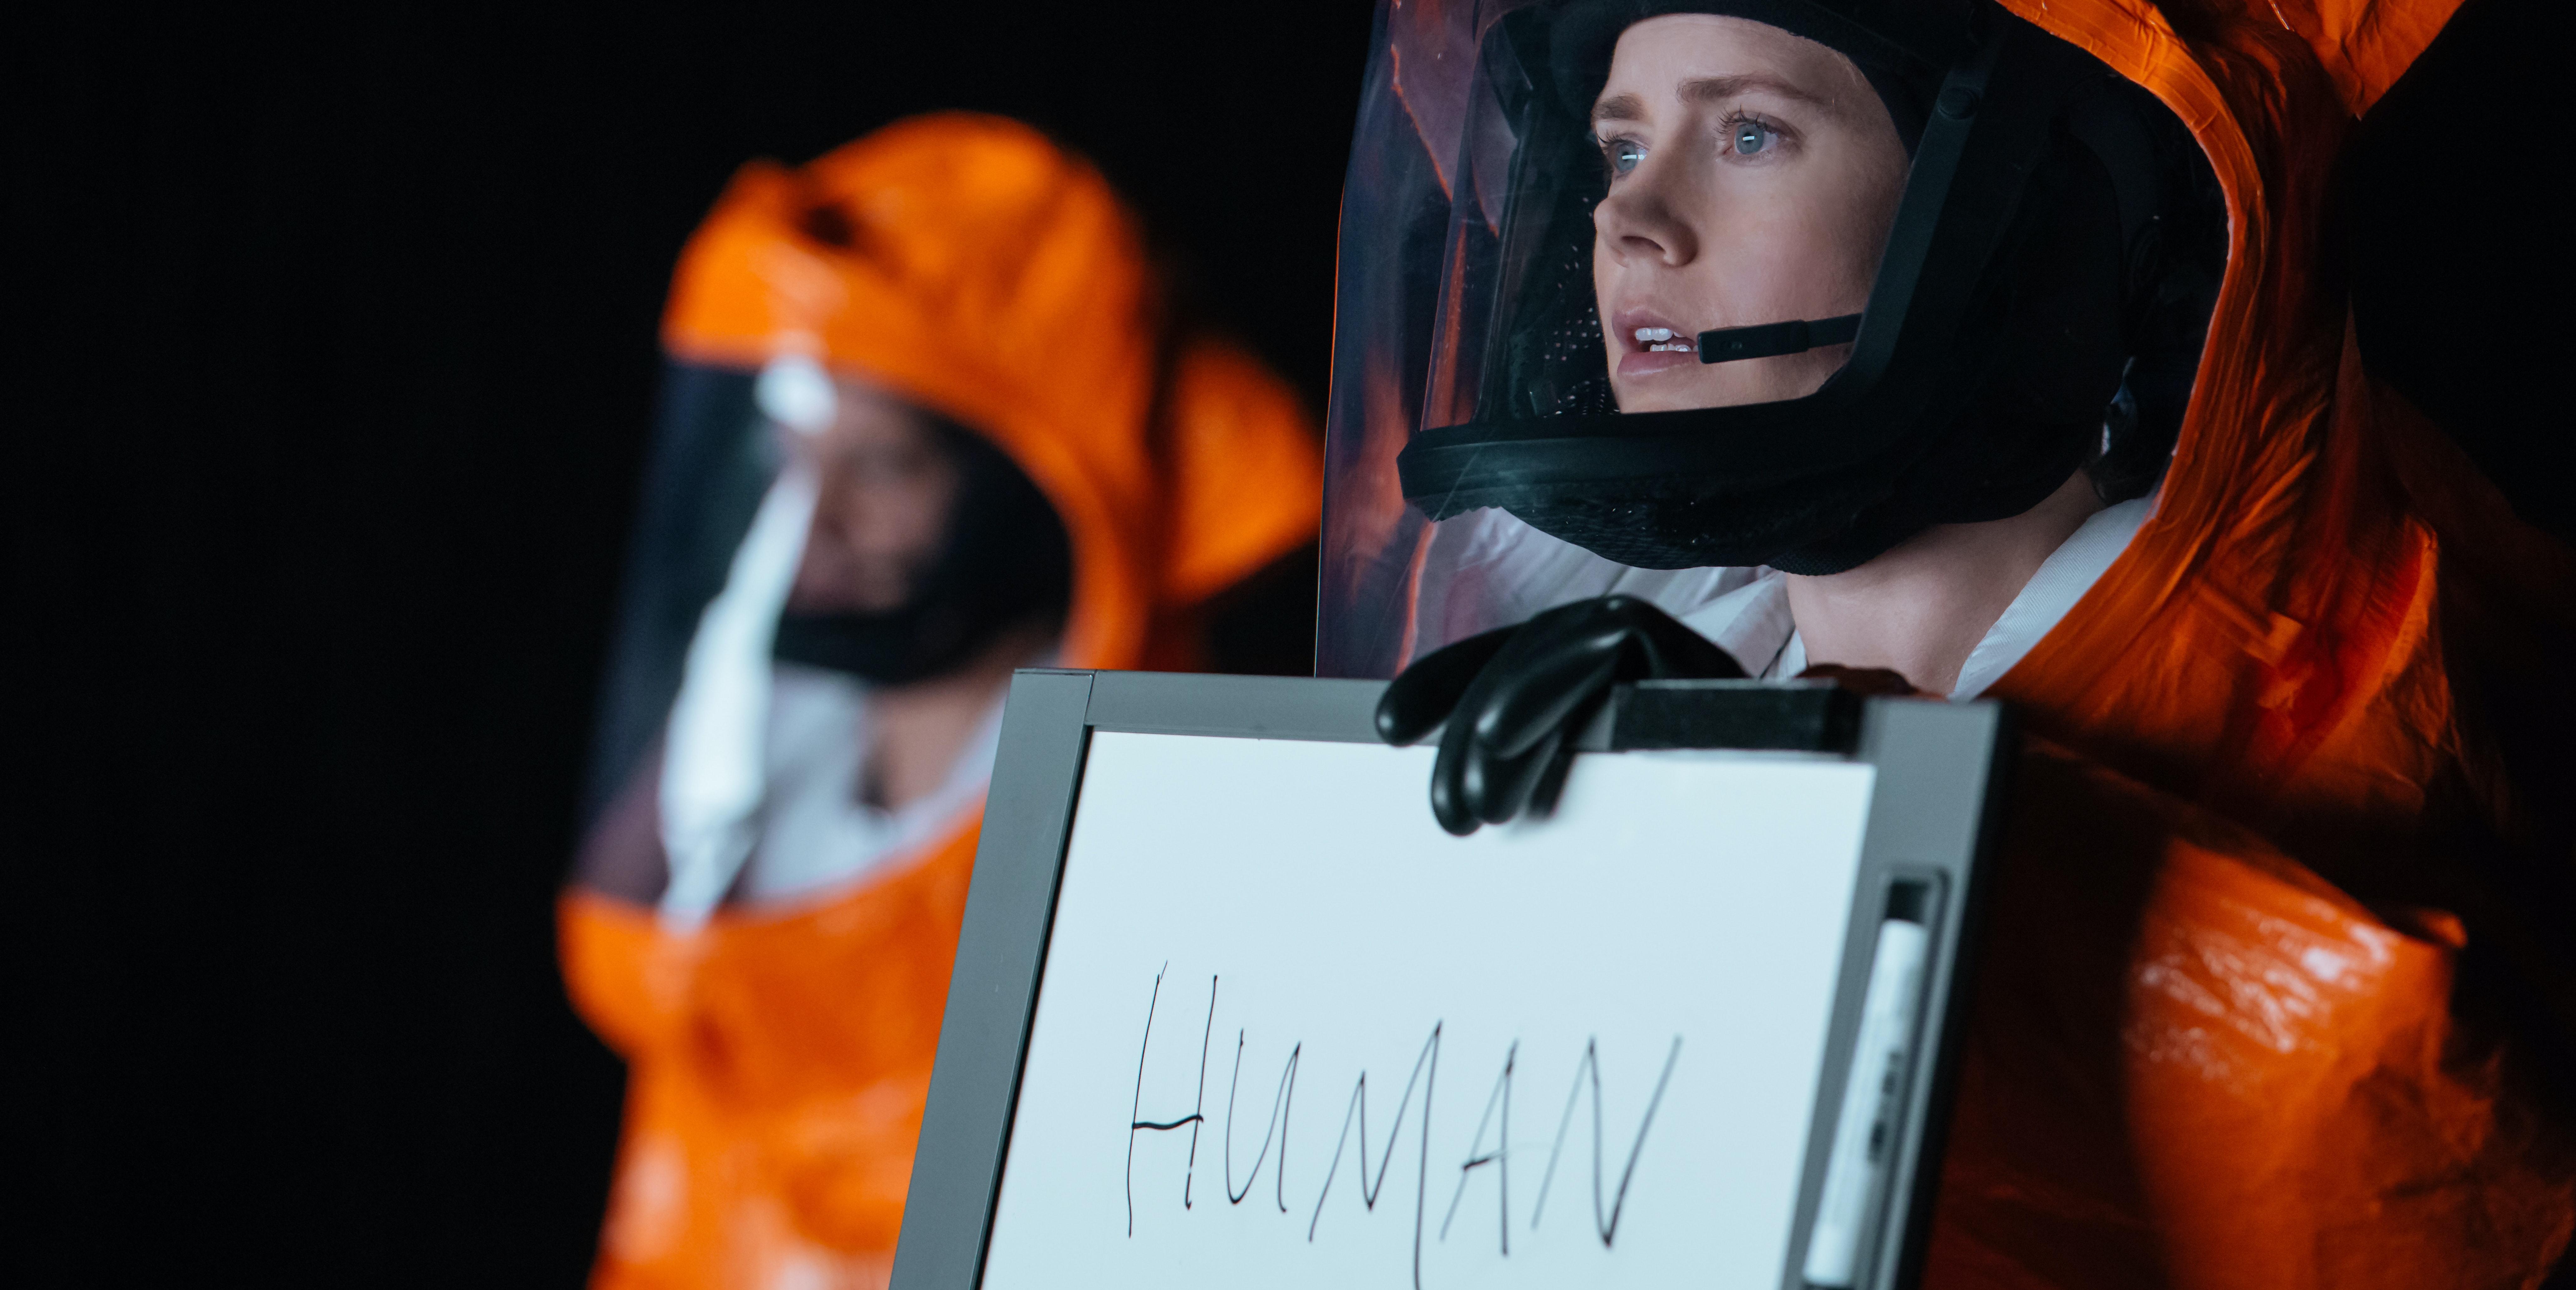 arrival amy adams linguist alien language